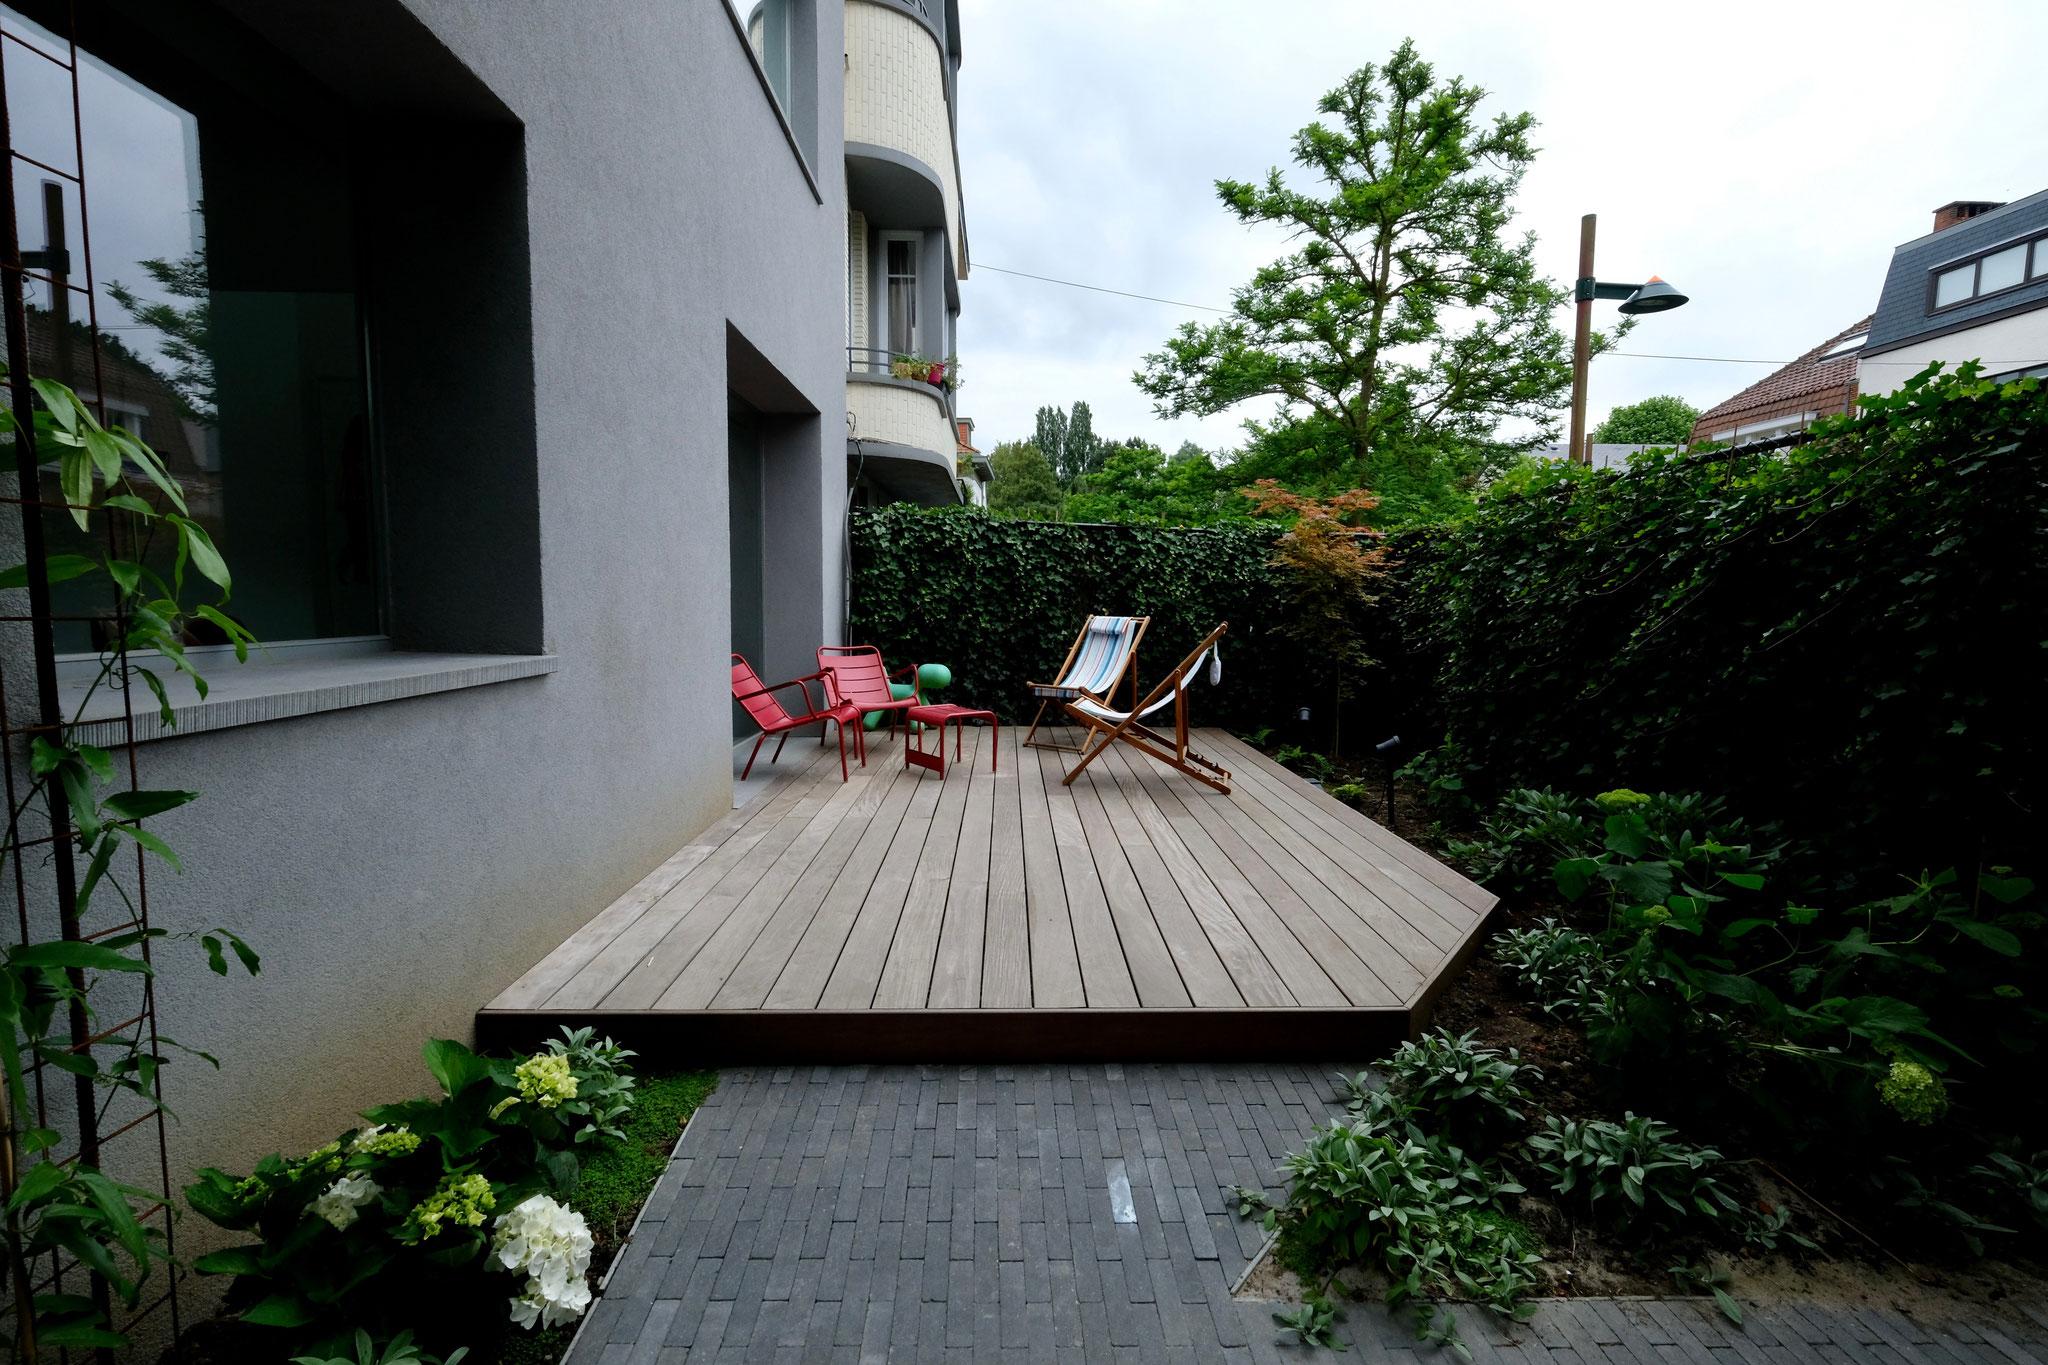 Jardin de ville 150m2 - Jardin contemporain - Jardin avant. Aménagement jardin Bruxelles